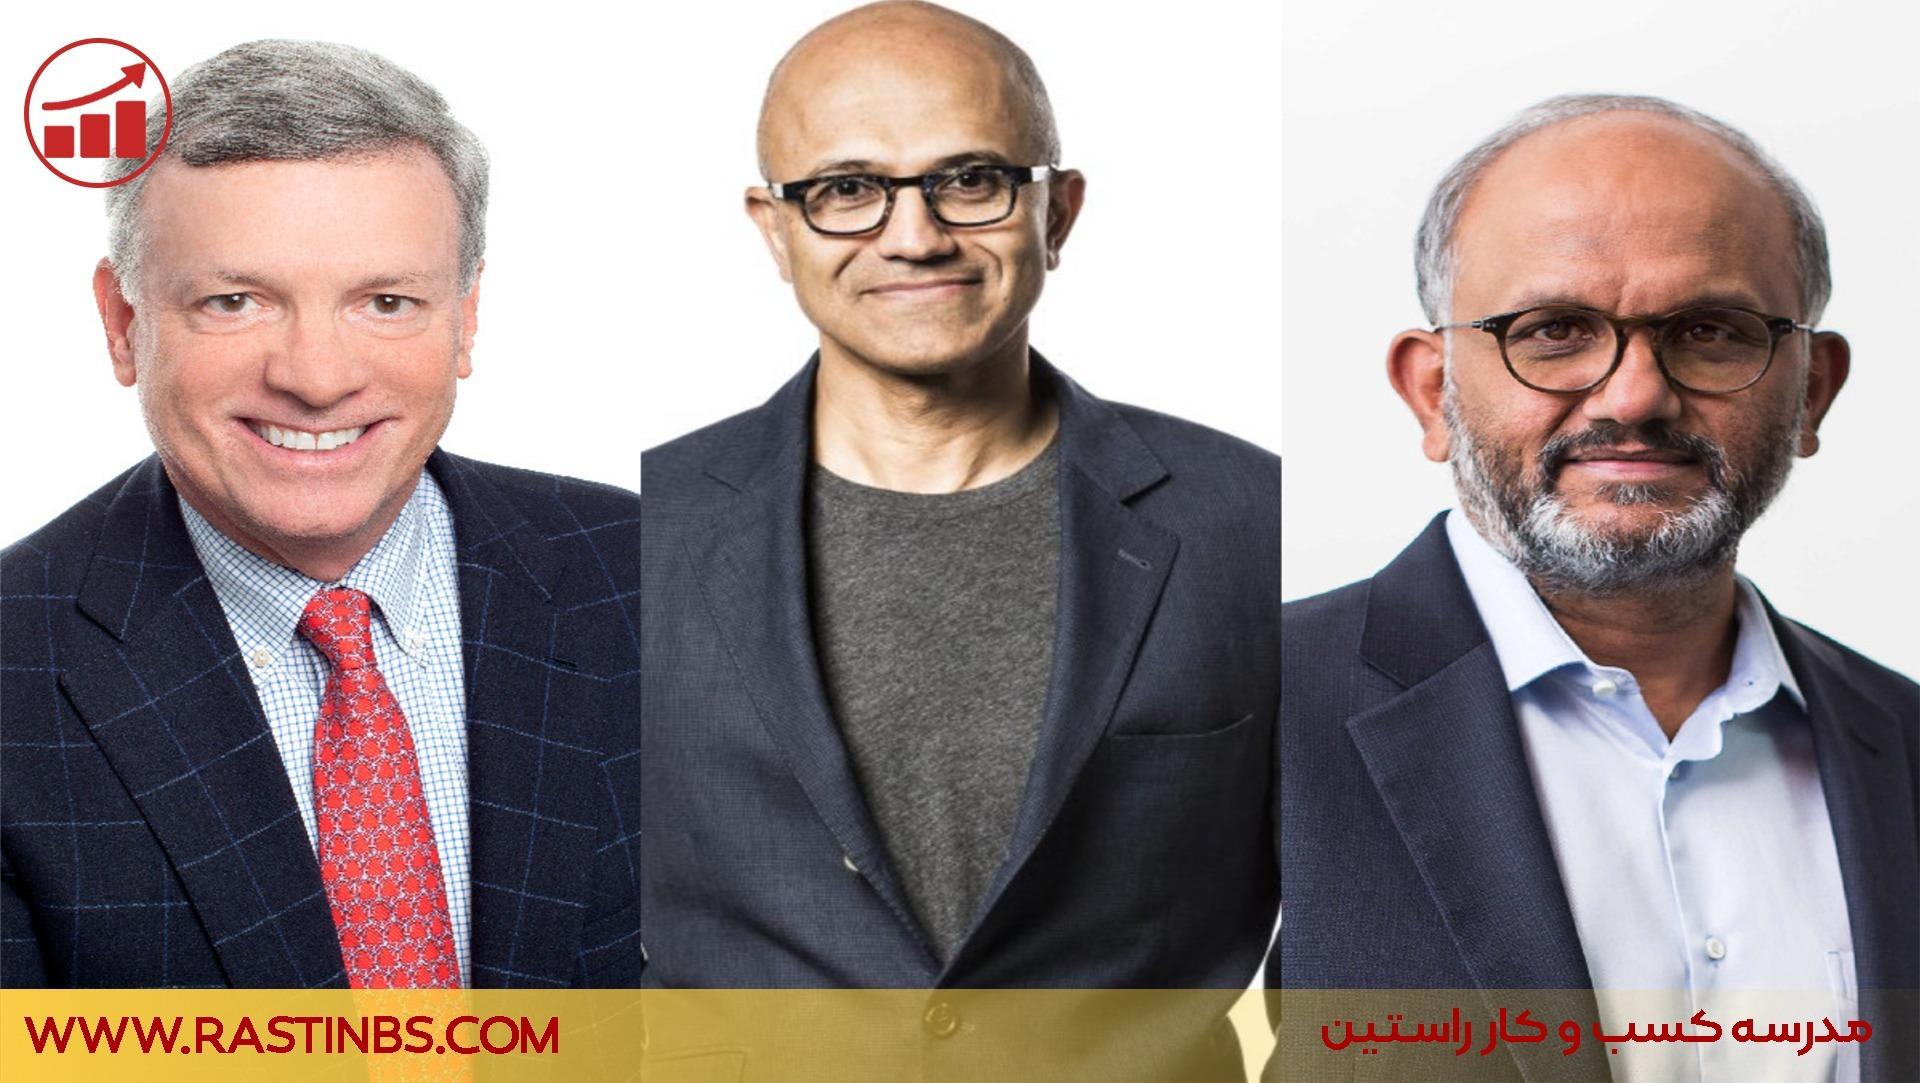 برترین مدیران عامل سال ۲۰۲۱